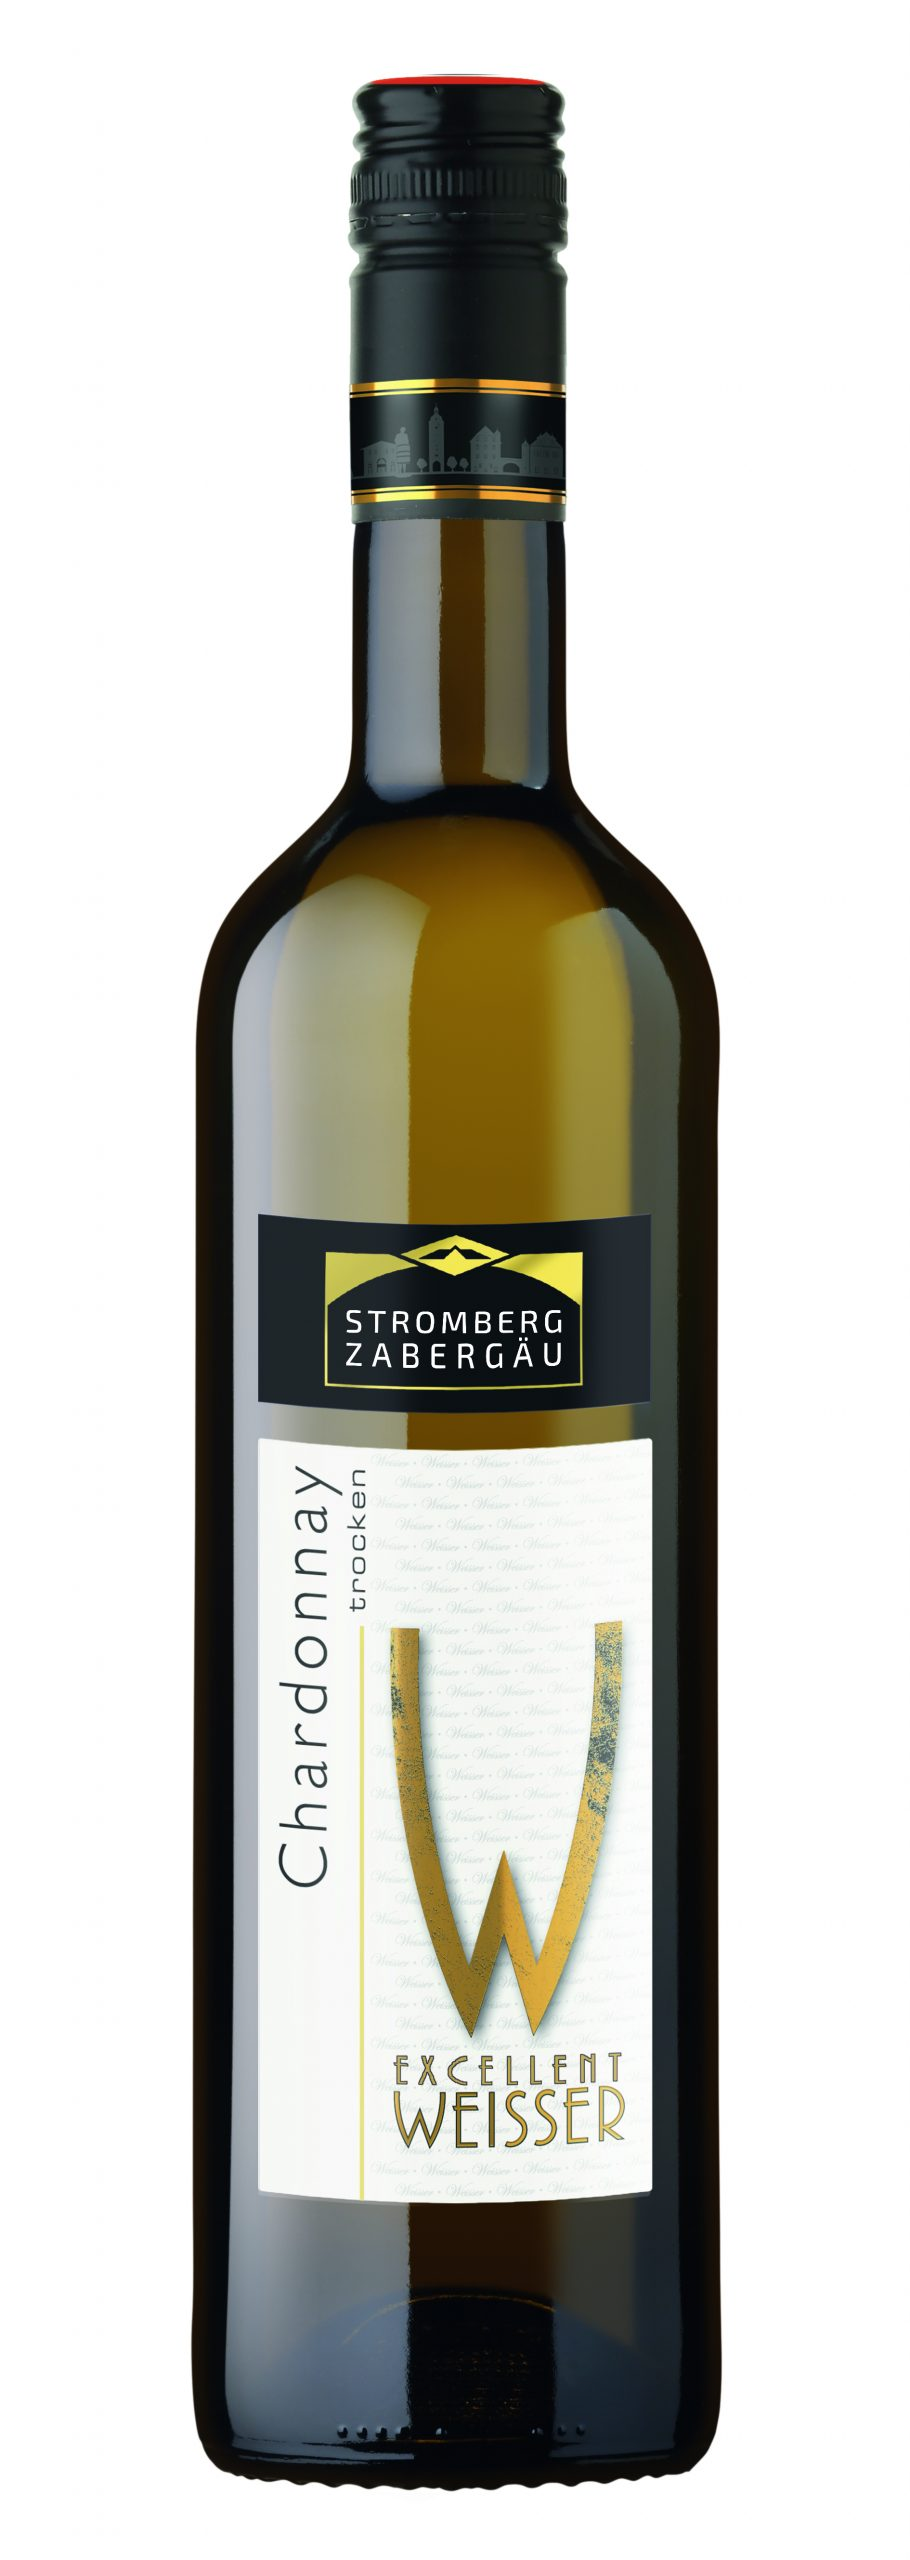 """Die besten Festtagsweine Württembergs - das ist einer davon: 2019 Chardonnay trocken """"Excellent Weisser"""" der Weingärtner Stromberg-Zabergäu"""